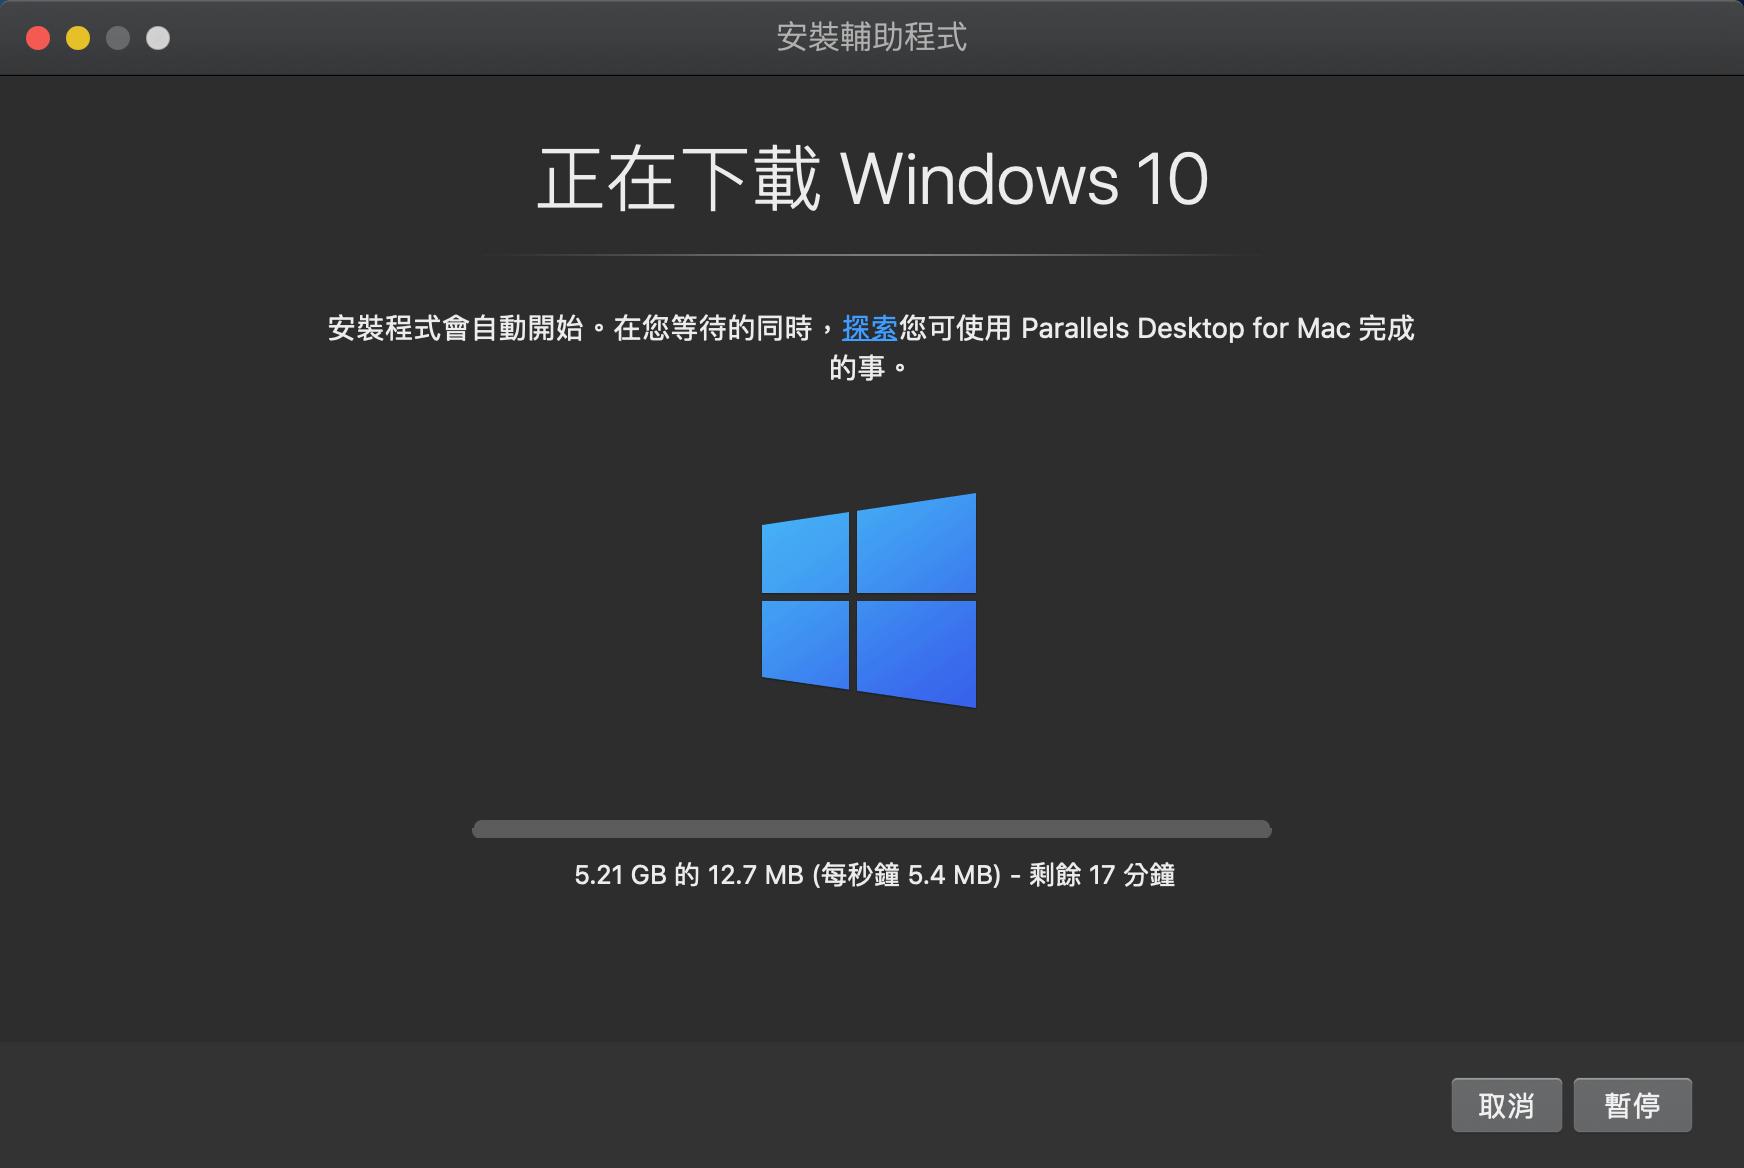 開始下載 Windows 10 的 ISO 檔,並且稍後會自動開始安裝